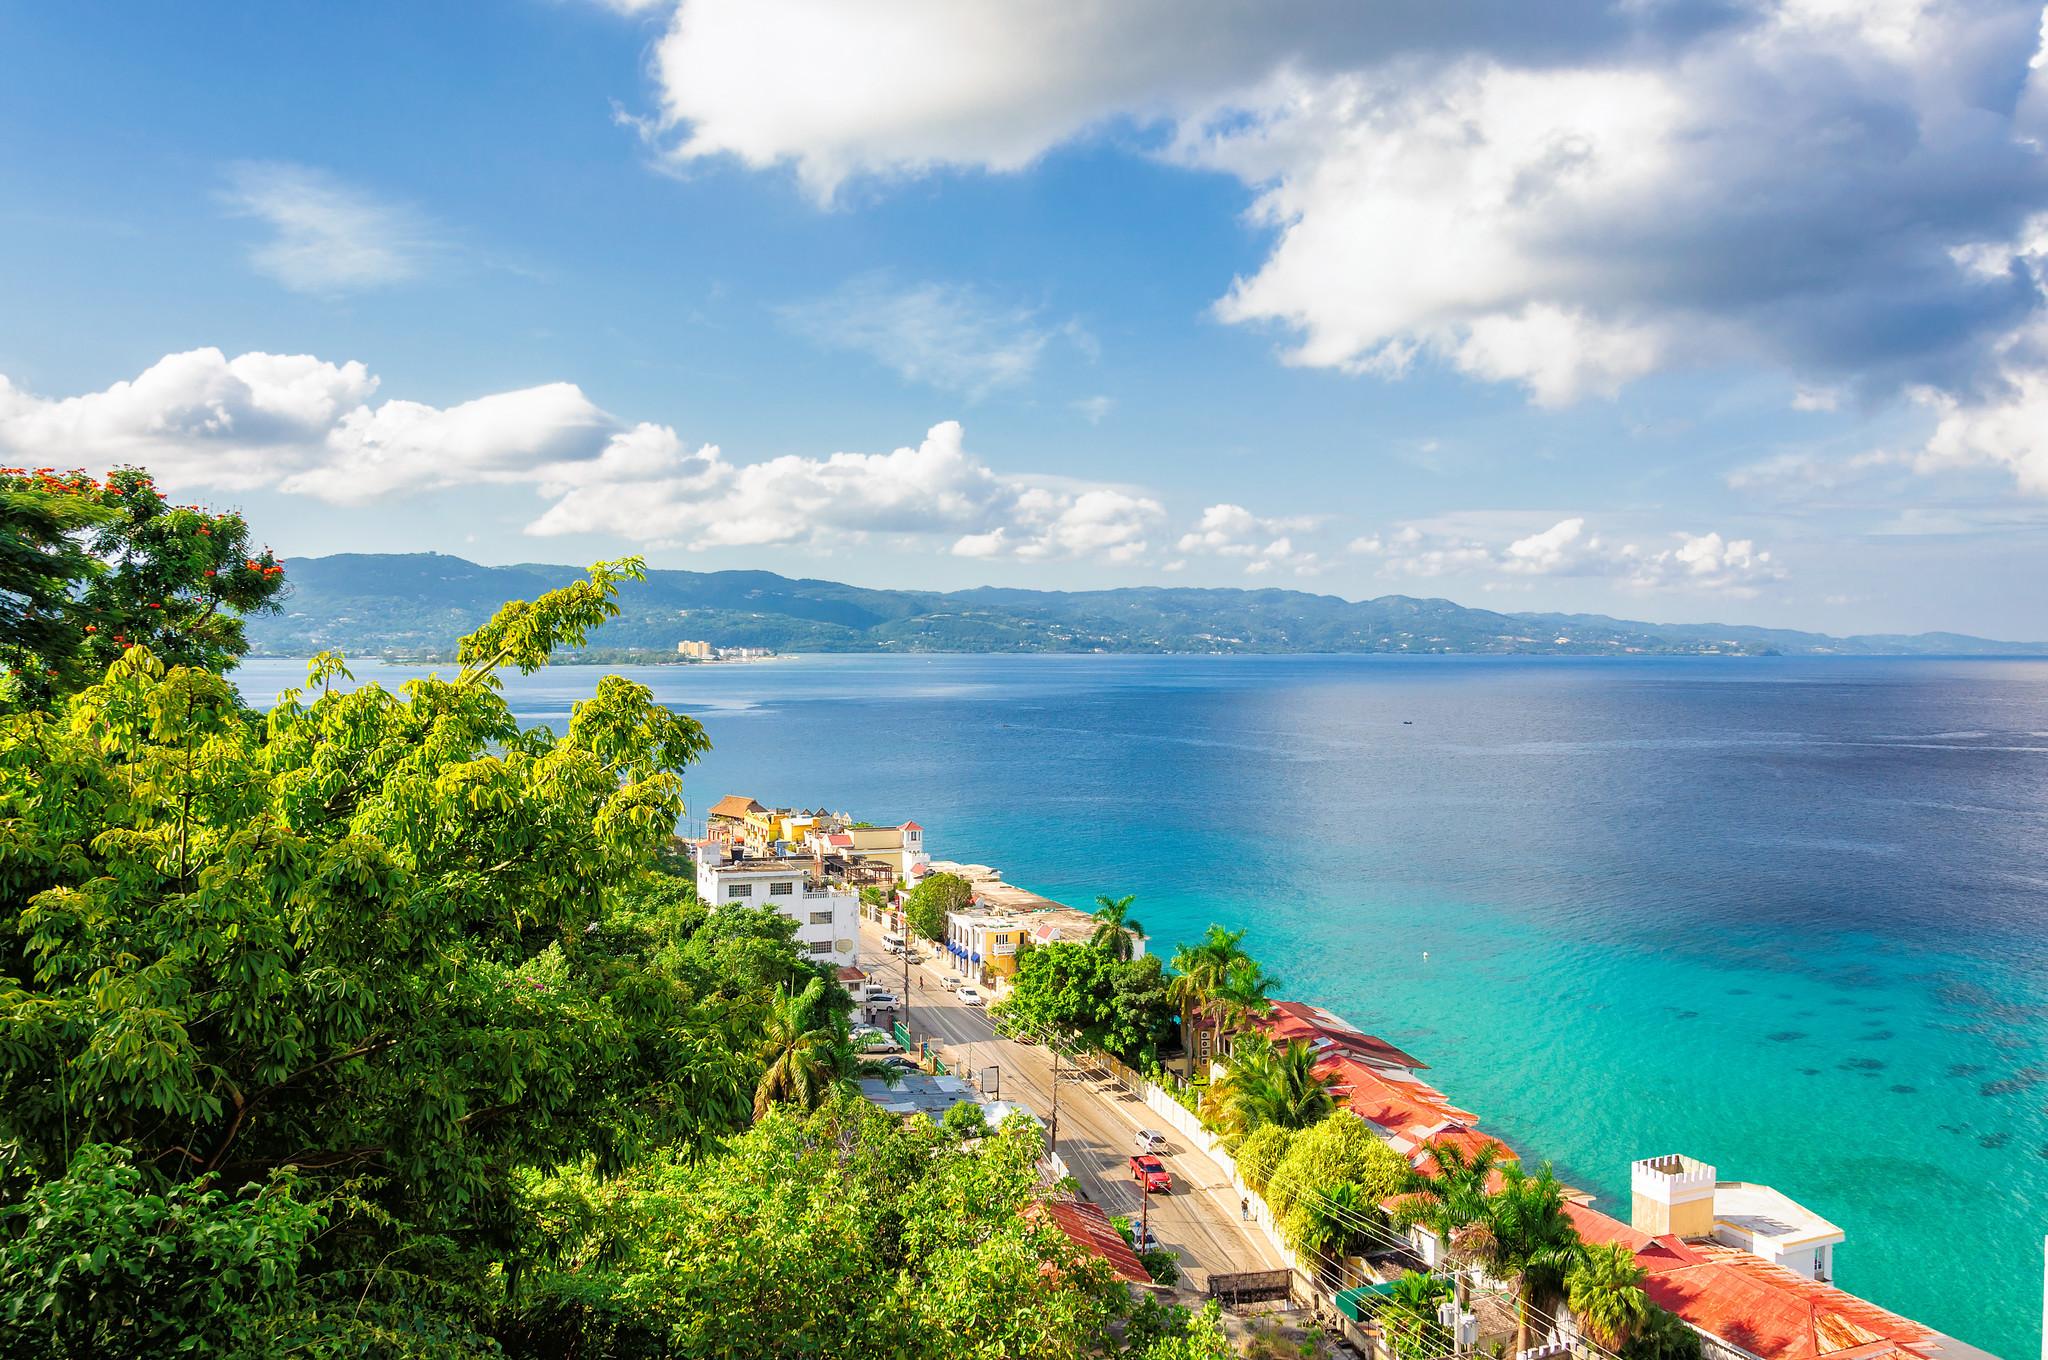 7.7 magnitude earthquake reported off coast of Jamaica